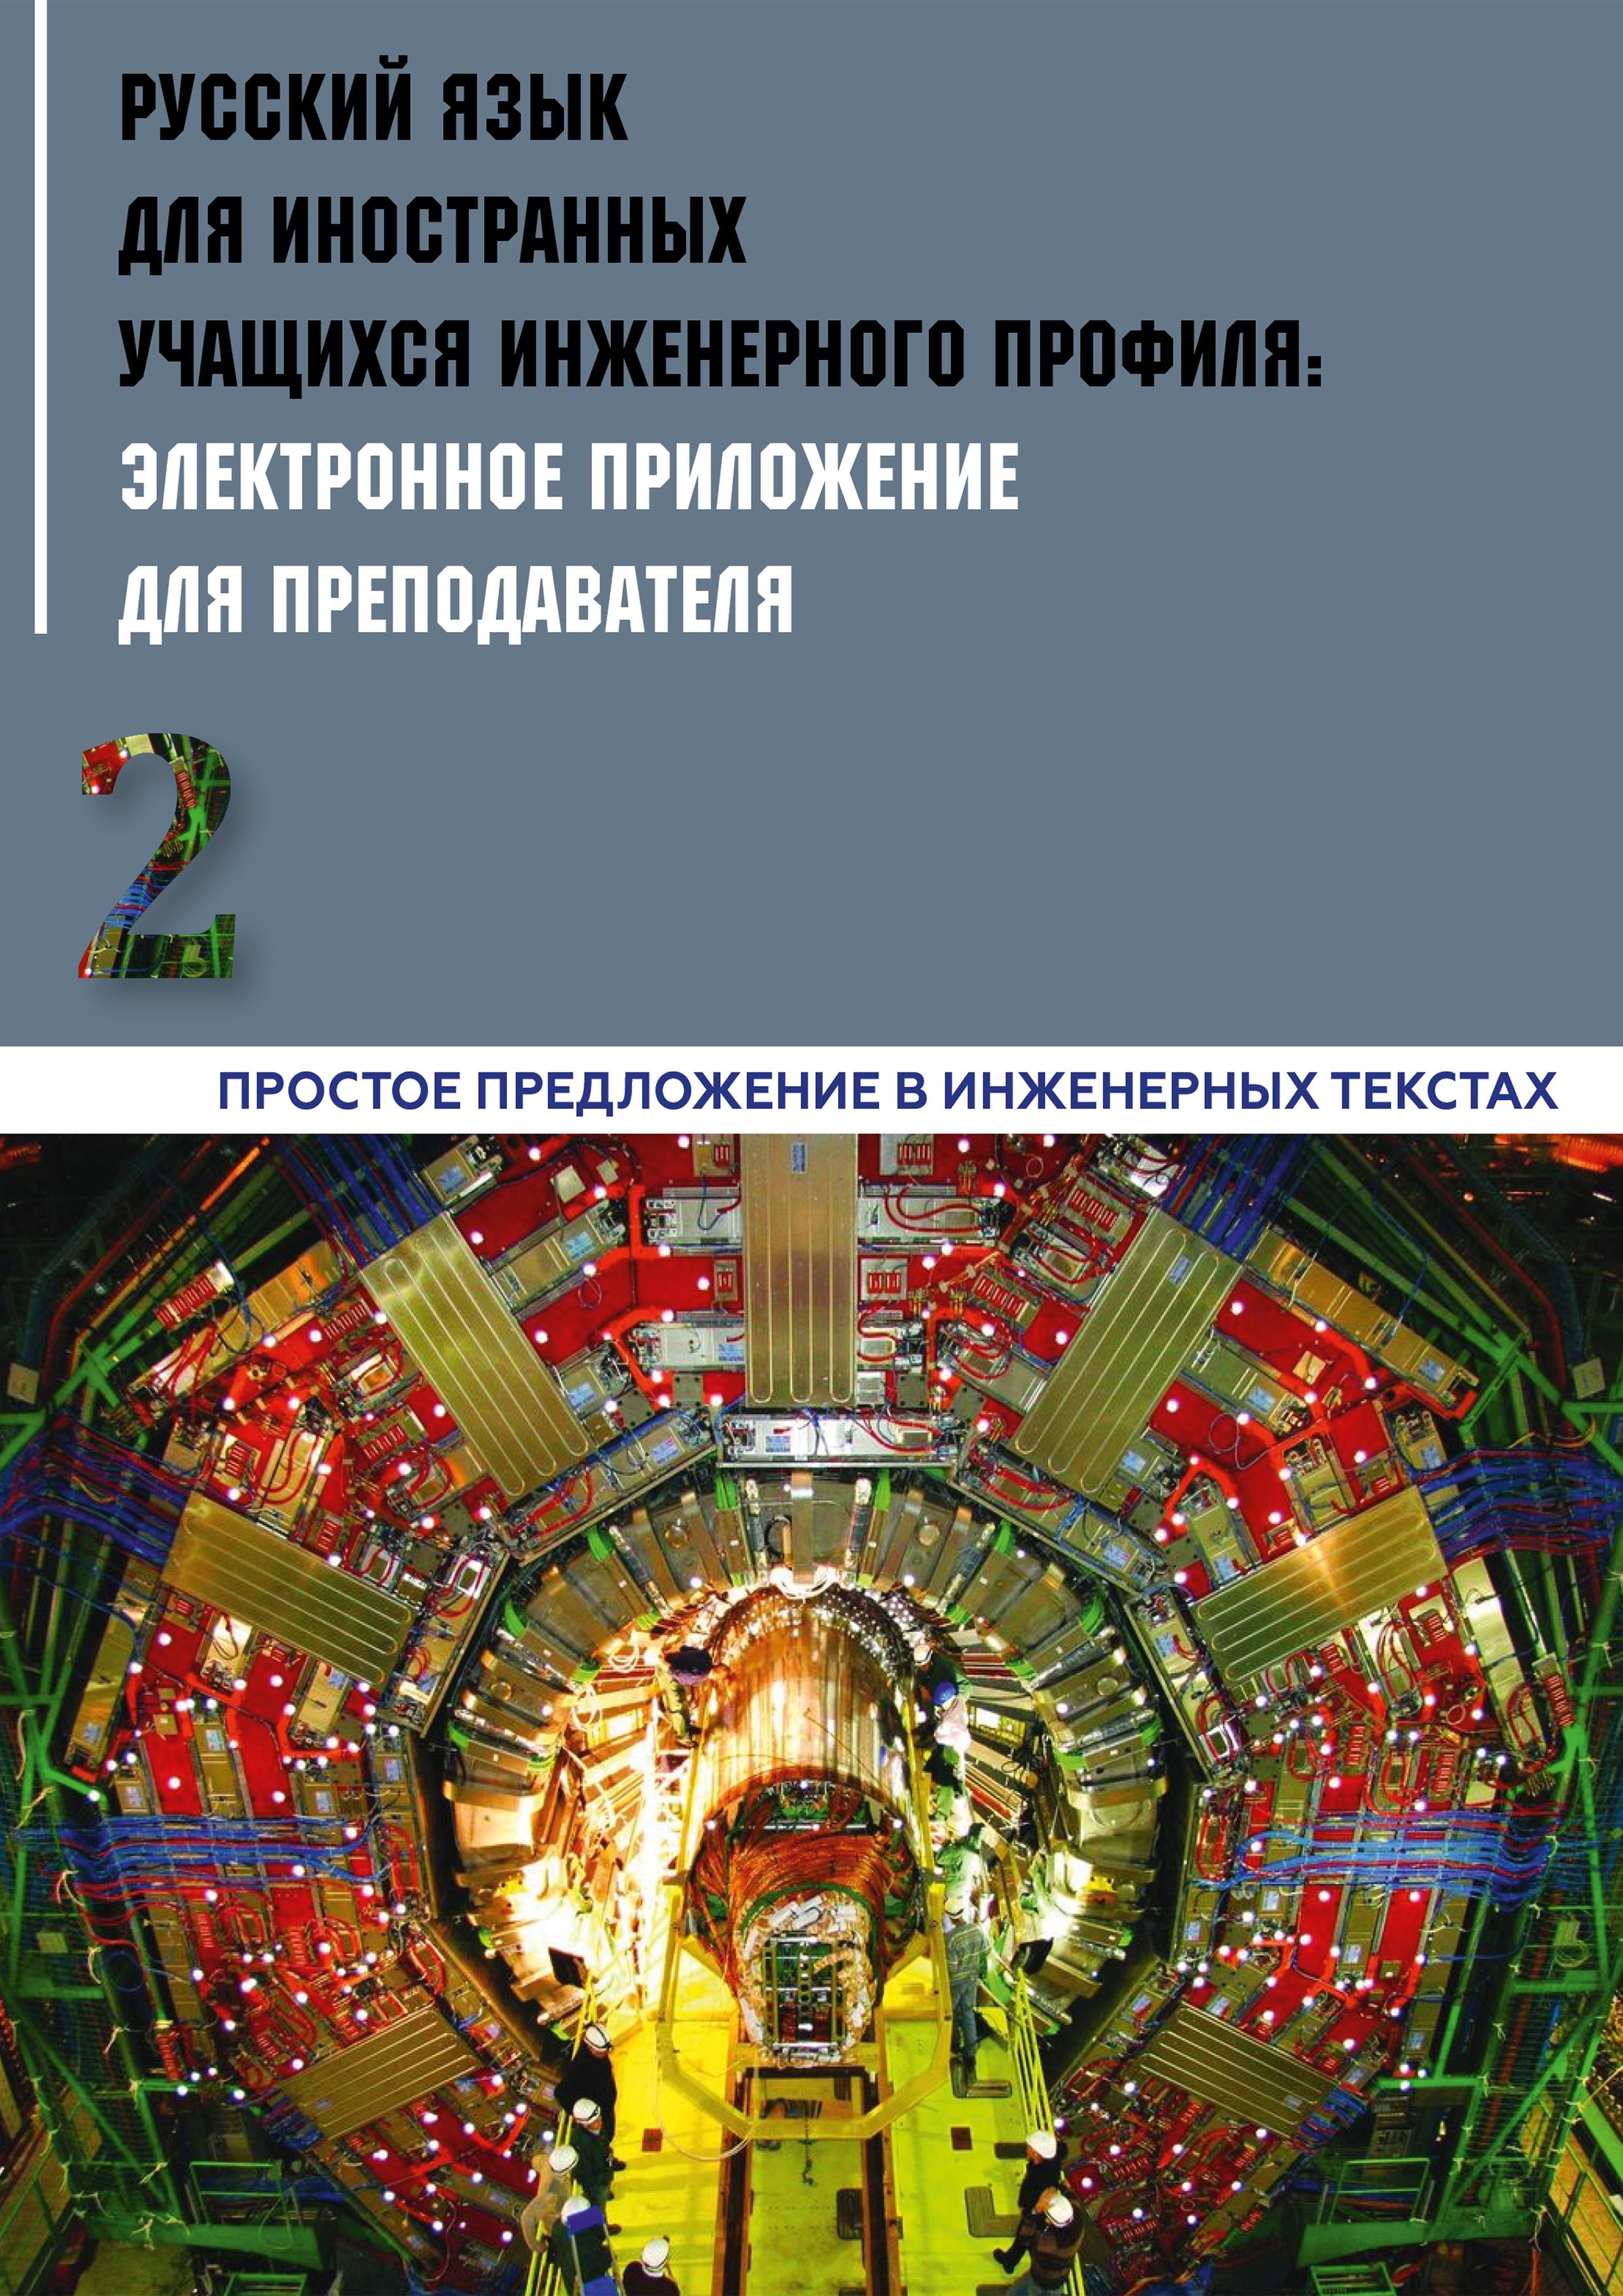 Русский язык для иностранных учащихся инженерного профиля: электронное приложение для преподавателя. Часть 2. Простое предложение в инженерных текстах